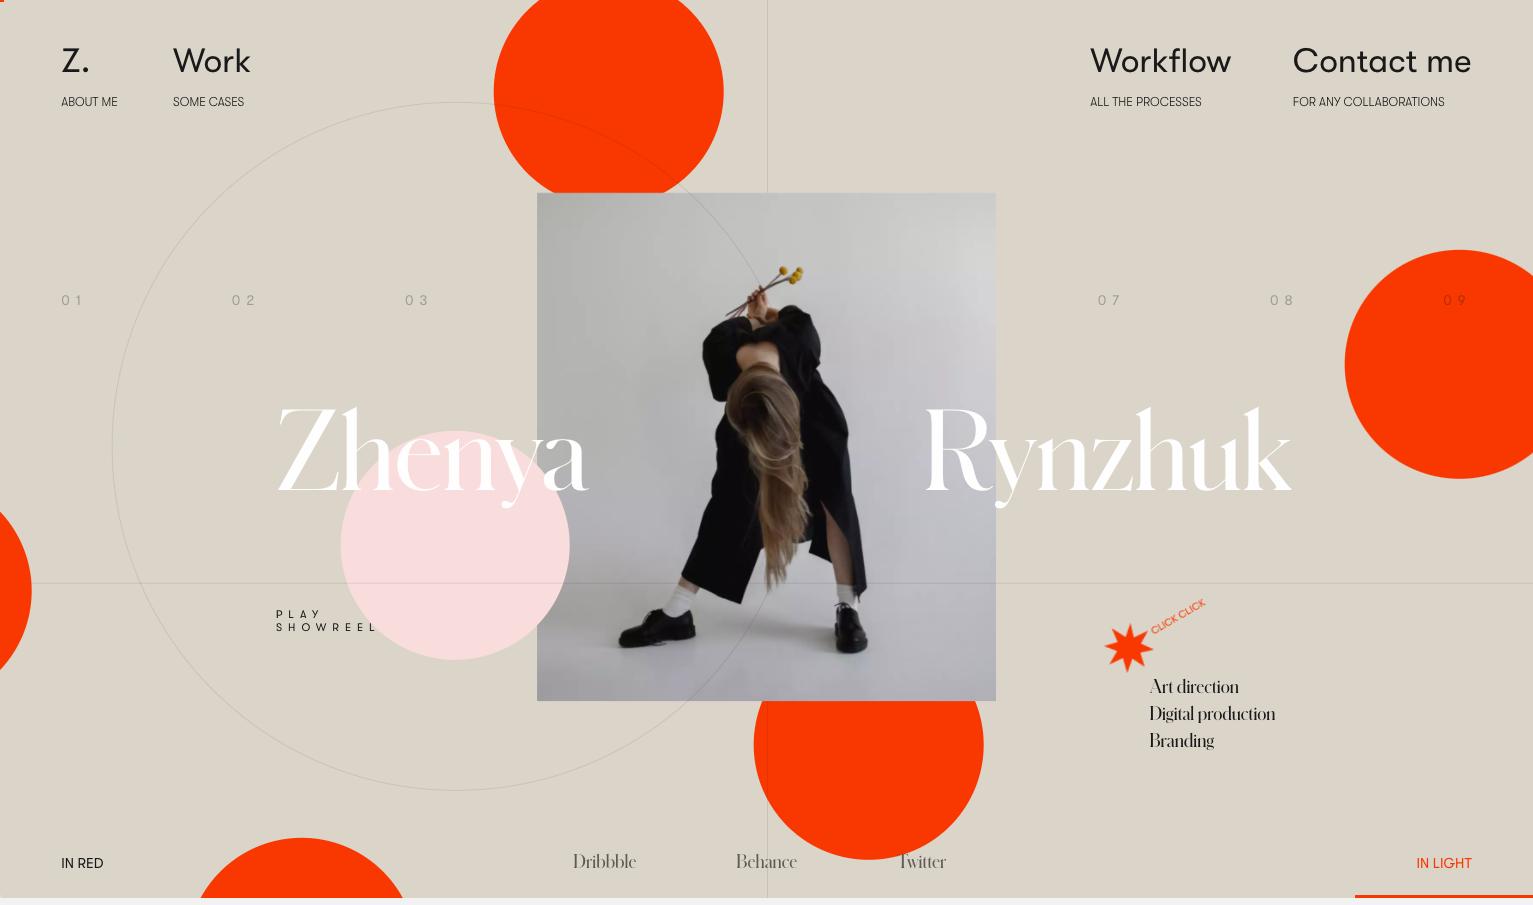 Zhenya Rynzhuk's portfolio website